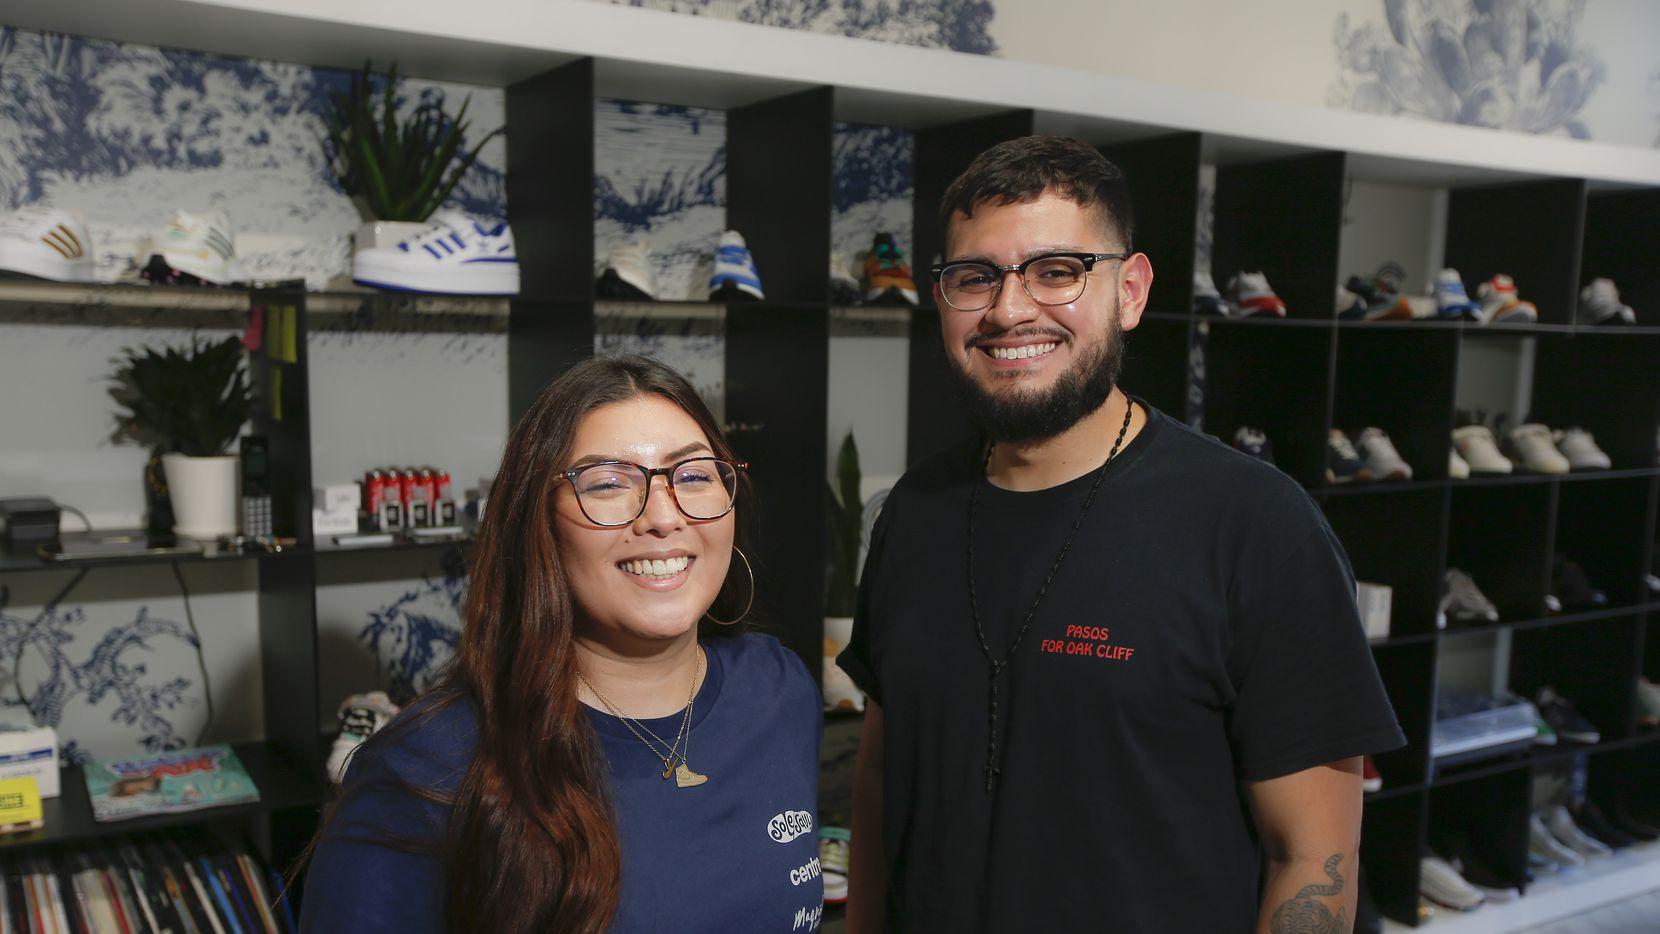 Alejandra Zendejas, y Jesse Acosta son los fundadores de Pasos for Oak Cliff que regala zapatos deportivos a estudiantes de Dallas.  El sábado 21 de agosto su fundación recolectó cientos de pares de zapatos durante dos días, los cuales serán distribuidos por Sole Savy a estudiantes necesitados.